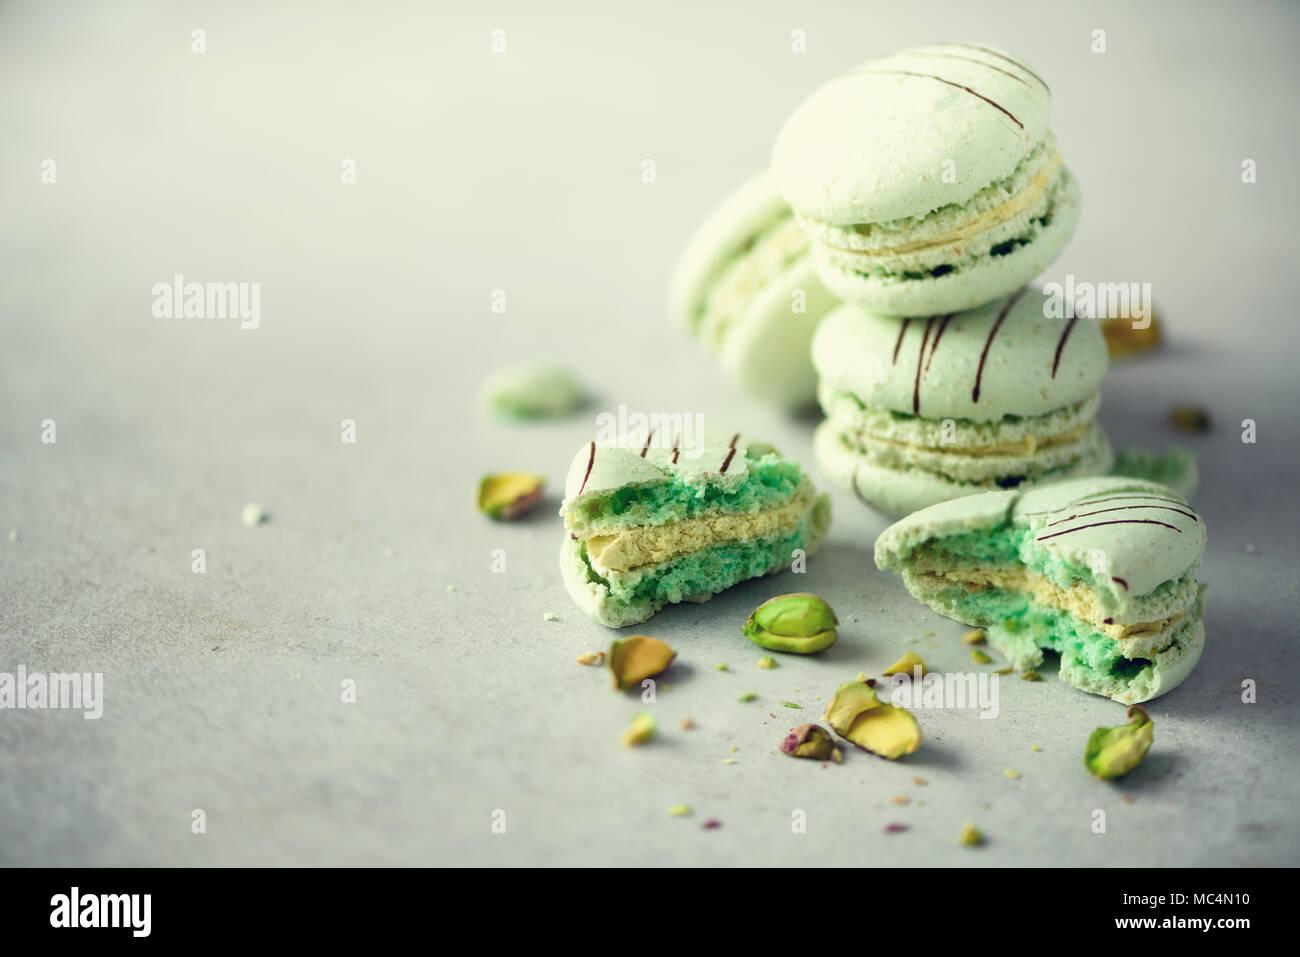 Menthe verte macarons français avec les pistaches. Couleurs pastel, ses macarons copie espace. Fêtes et célébrations concept. Sweet cadeau pour femme, jeune fille Photo Stock